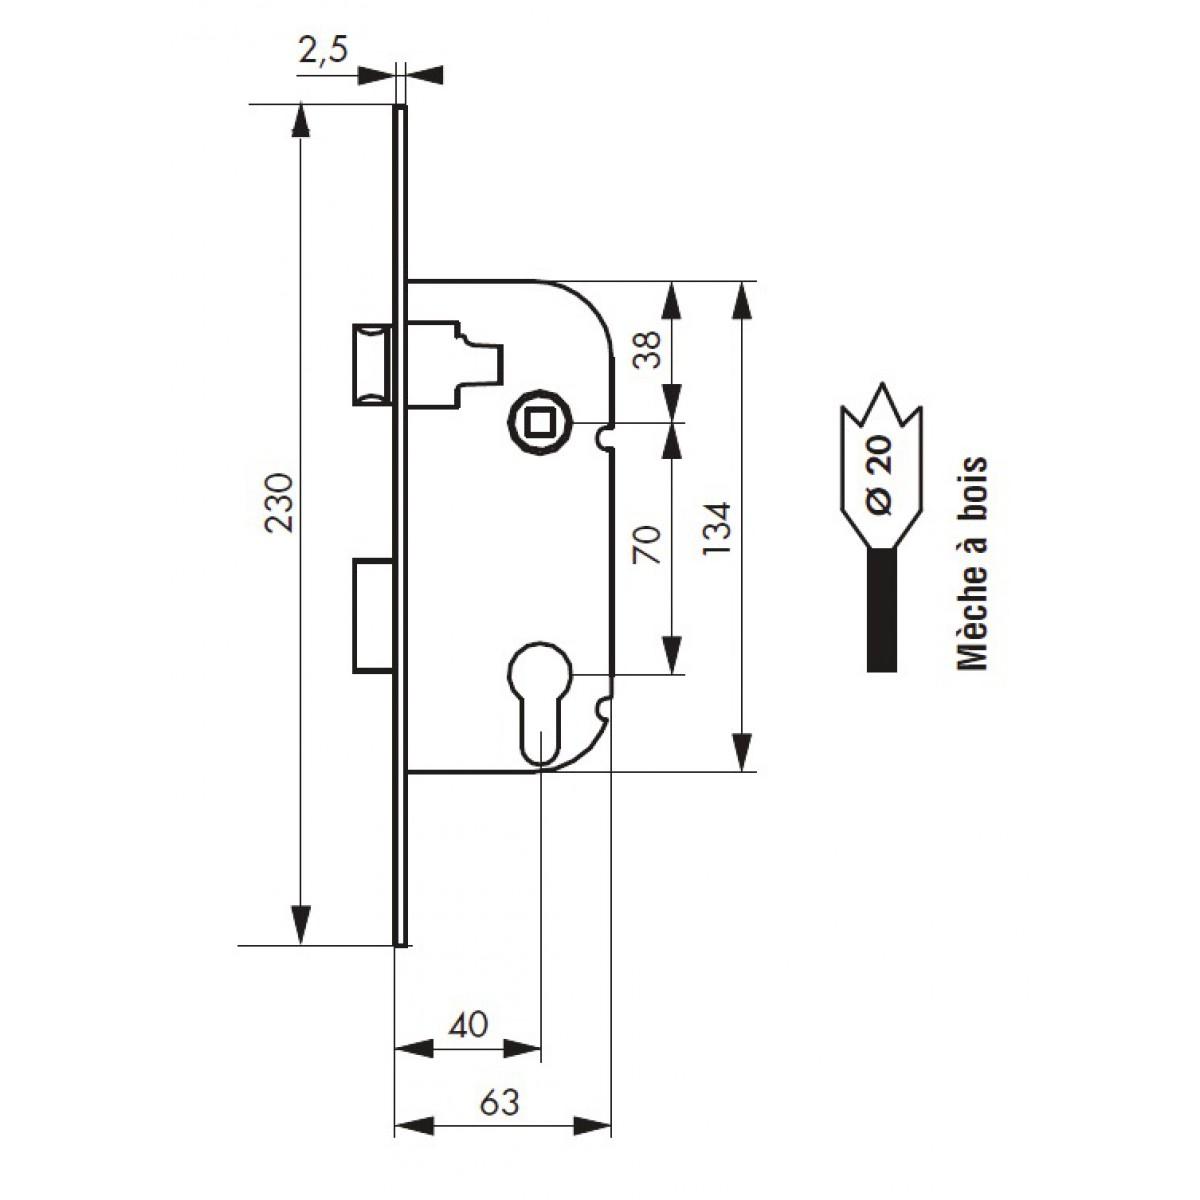 Serrure à larder réversible pour cylindre profilé PVM - Blanc - Réversible - Section 7 mm - l x h x p - 20 x 230 x 63 mm